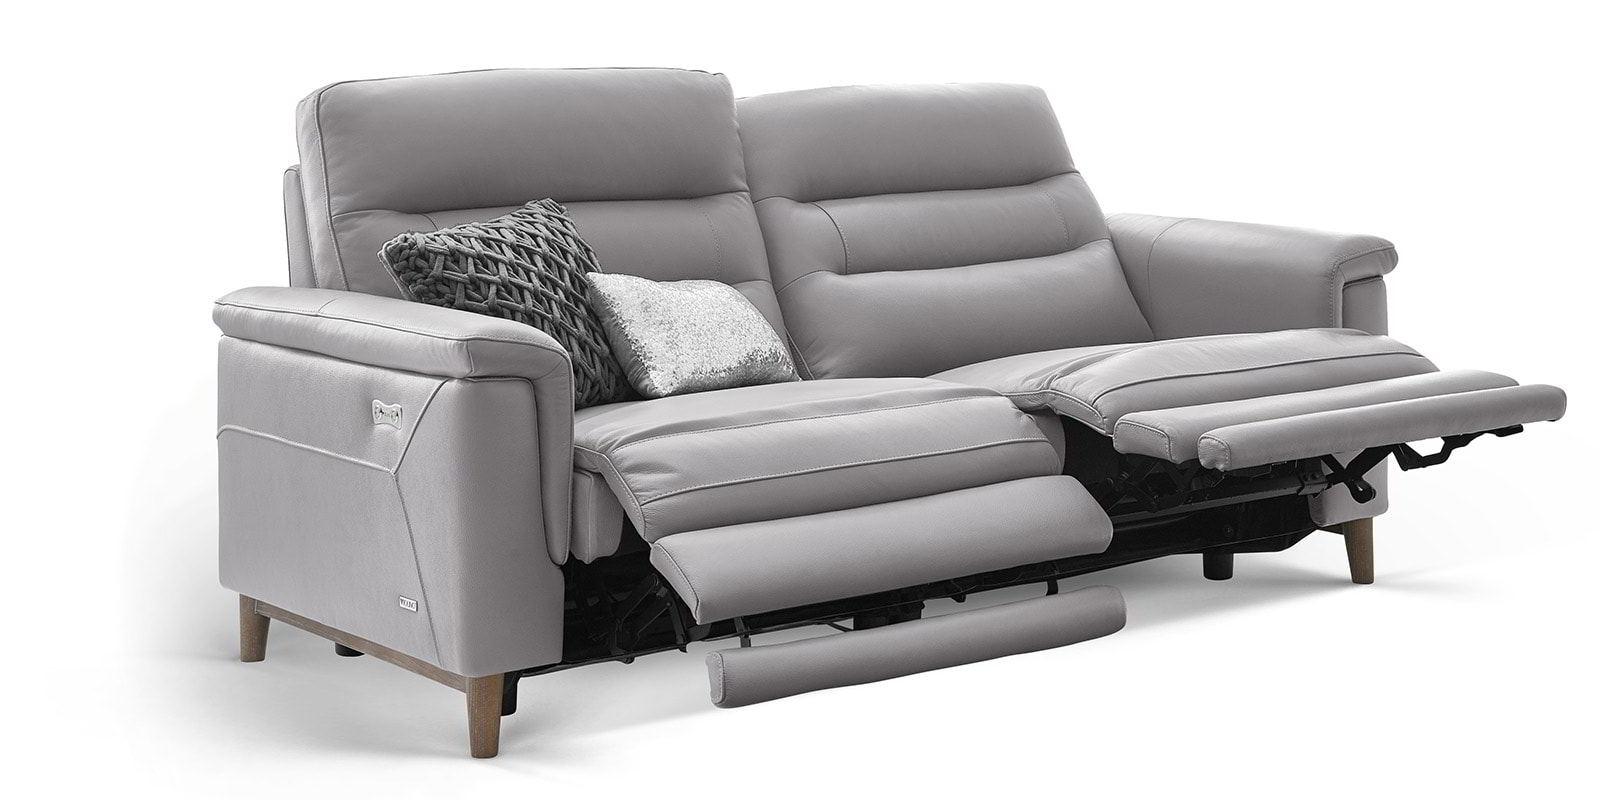 Full Size of Sofa Elektrische Sitztiefenverstellung Warum Ist Mein Elektrisch Geladen Statisch Aufgeladen Mit Elektrischer Relaxfunktion Aufgeladen Was Tun Sitzvorzug Durch Sofa Sofa Elektrisch